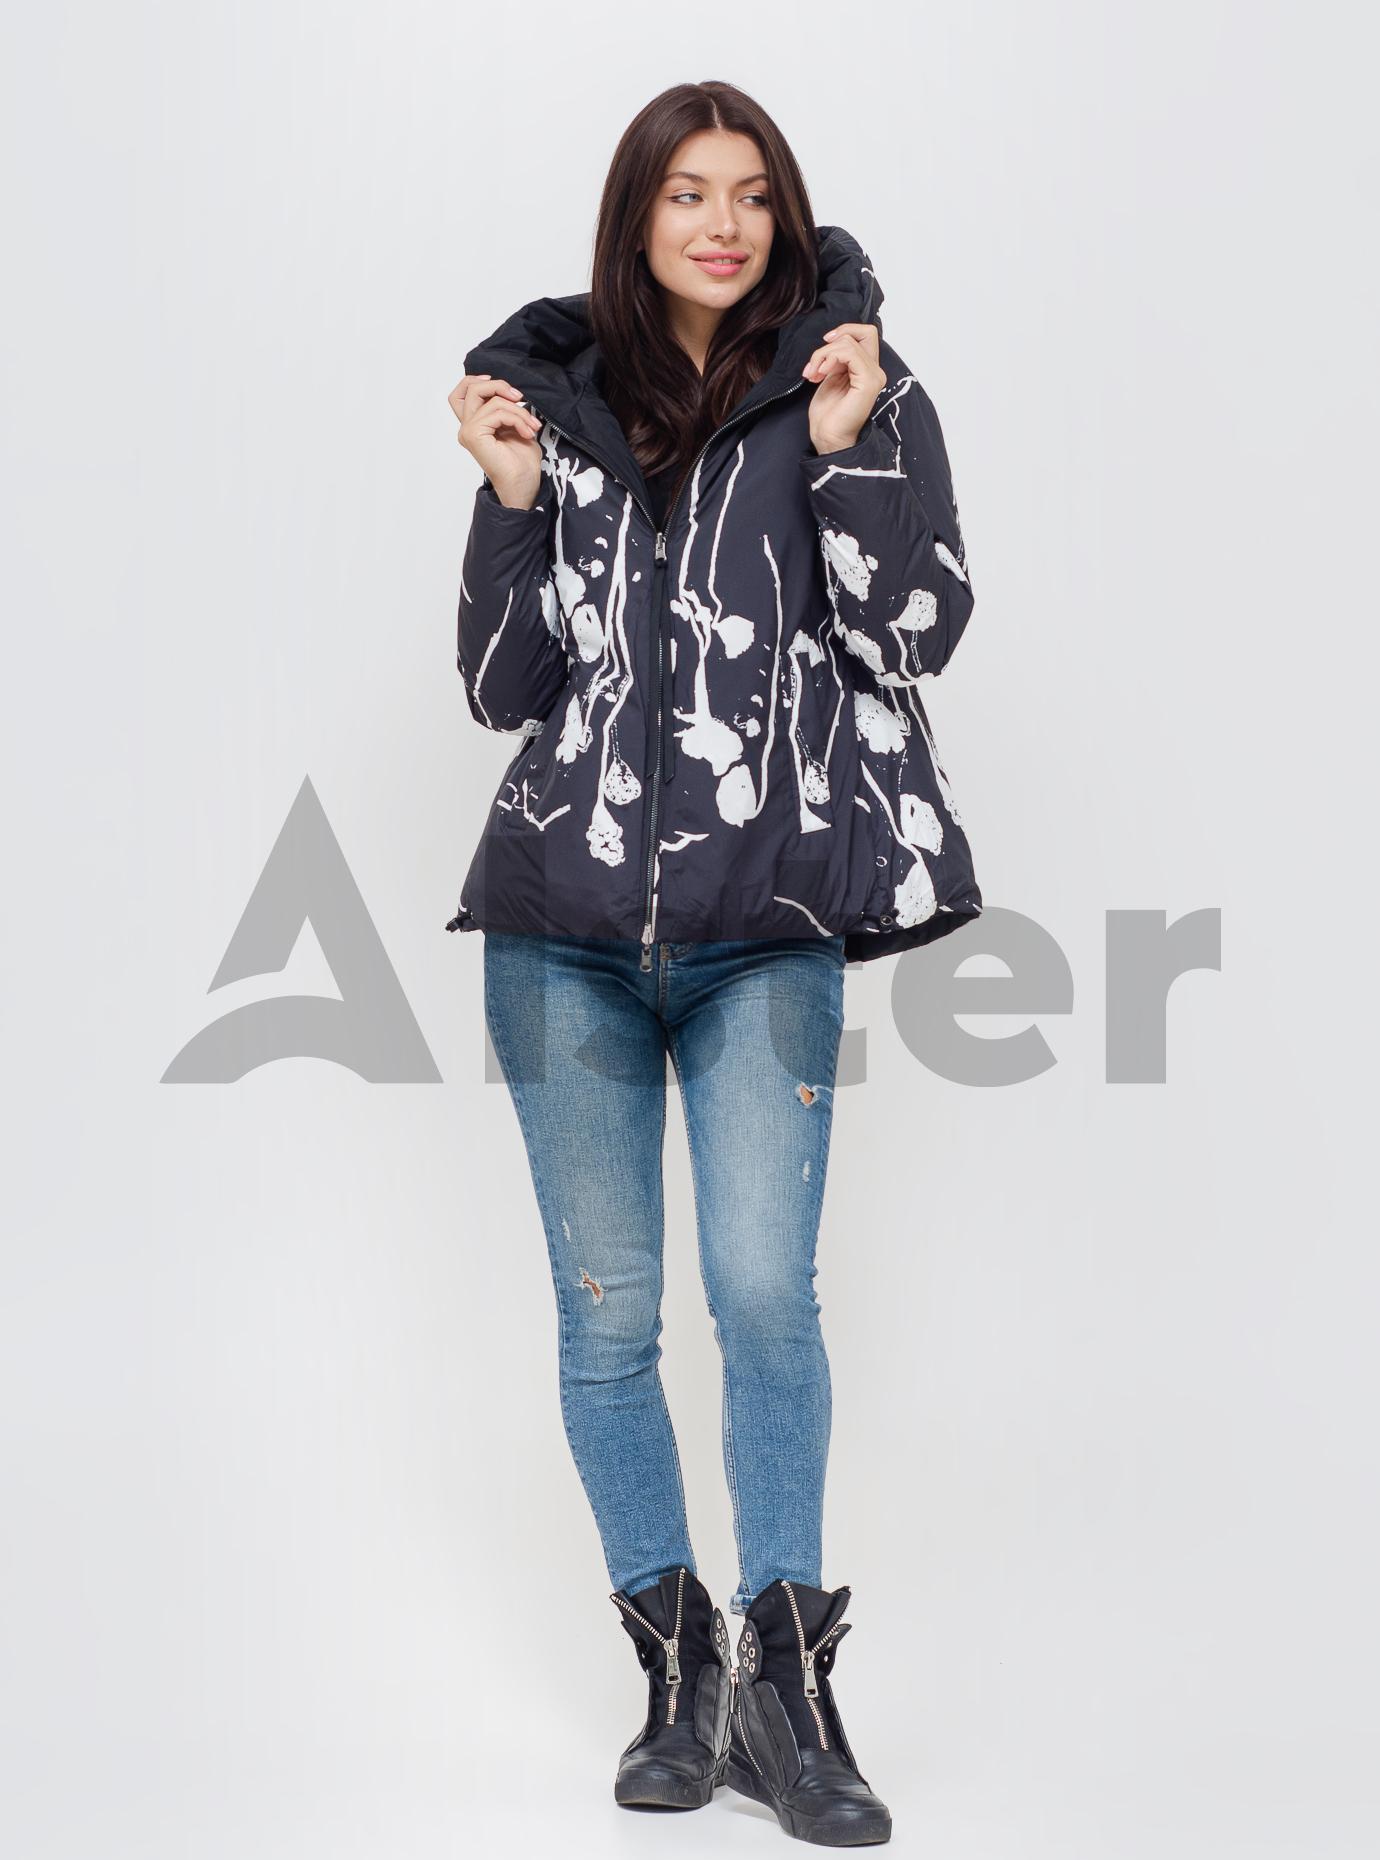 Куртка зимняя женская двусторонняя Чёрный 44 (06-KL201186): фото - Alster.ua